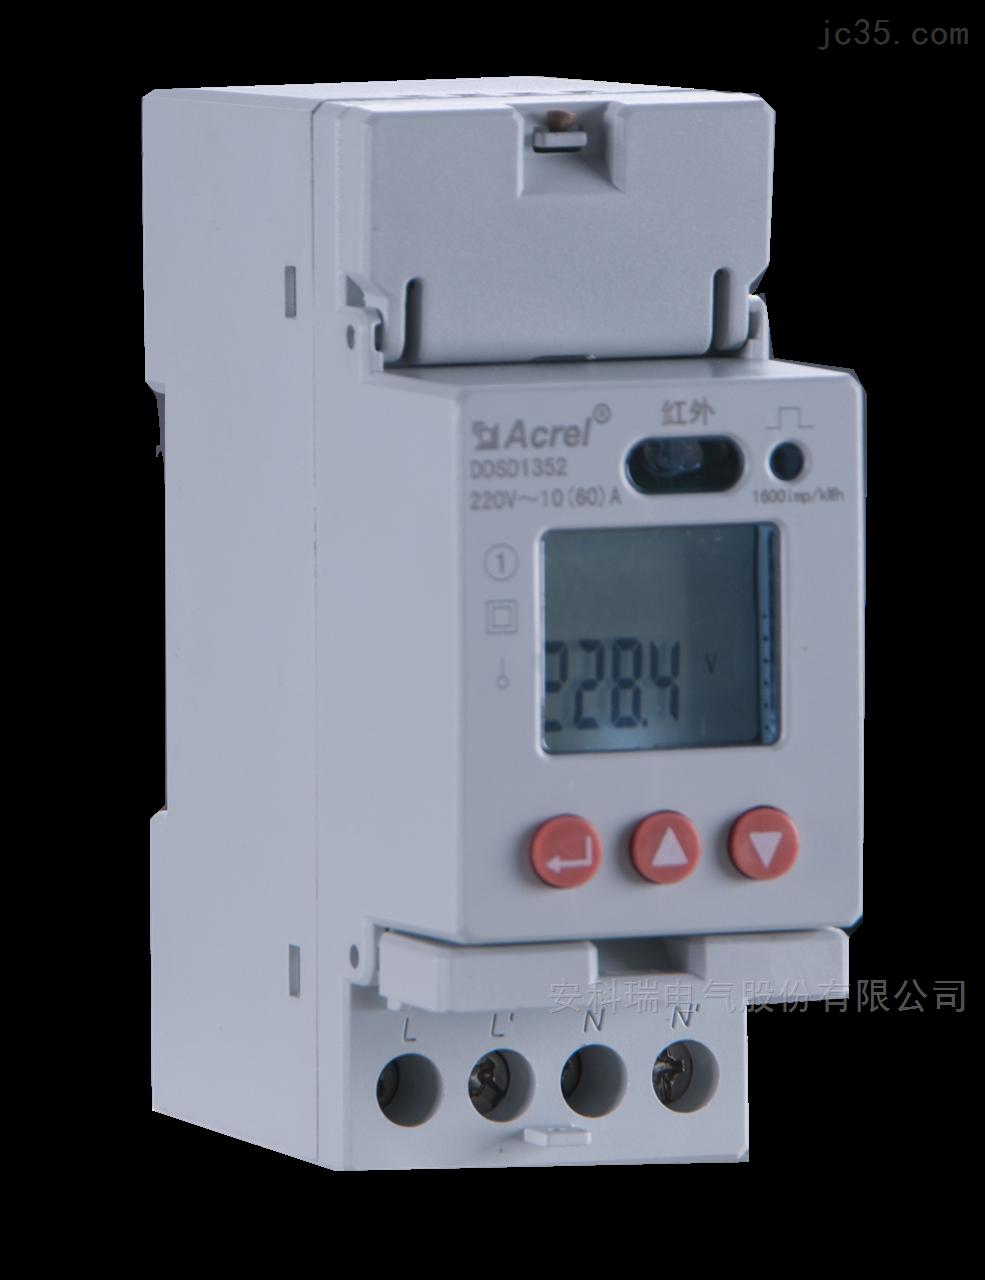 安科瑞单相导轨电表DDSD1352直接接入电能表